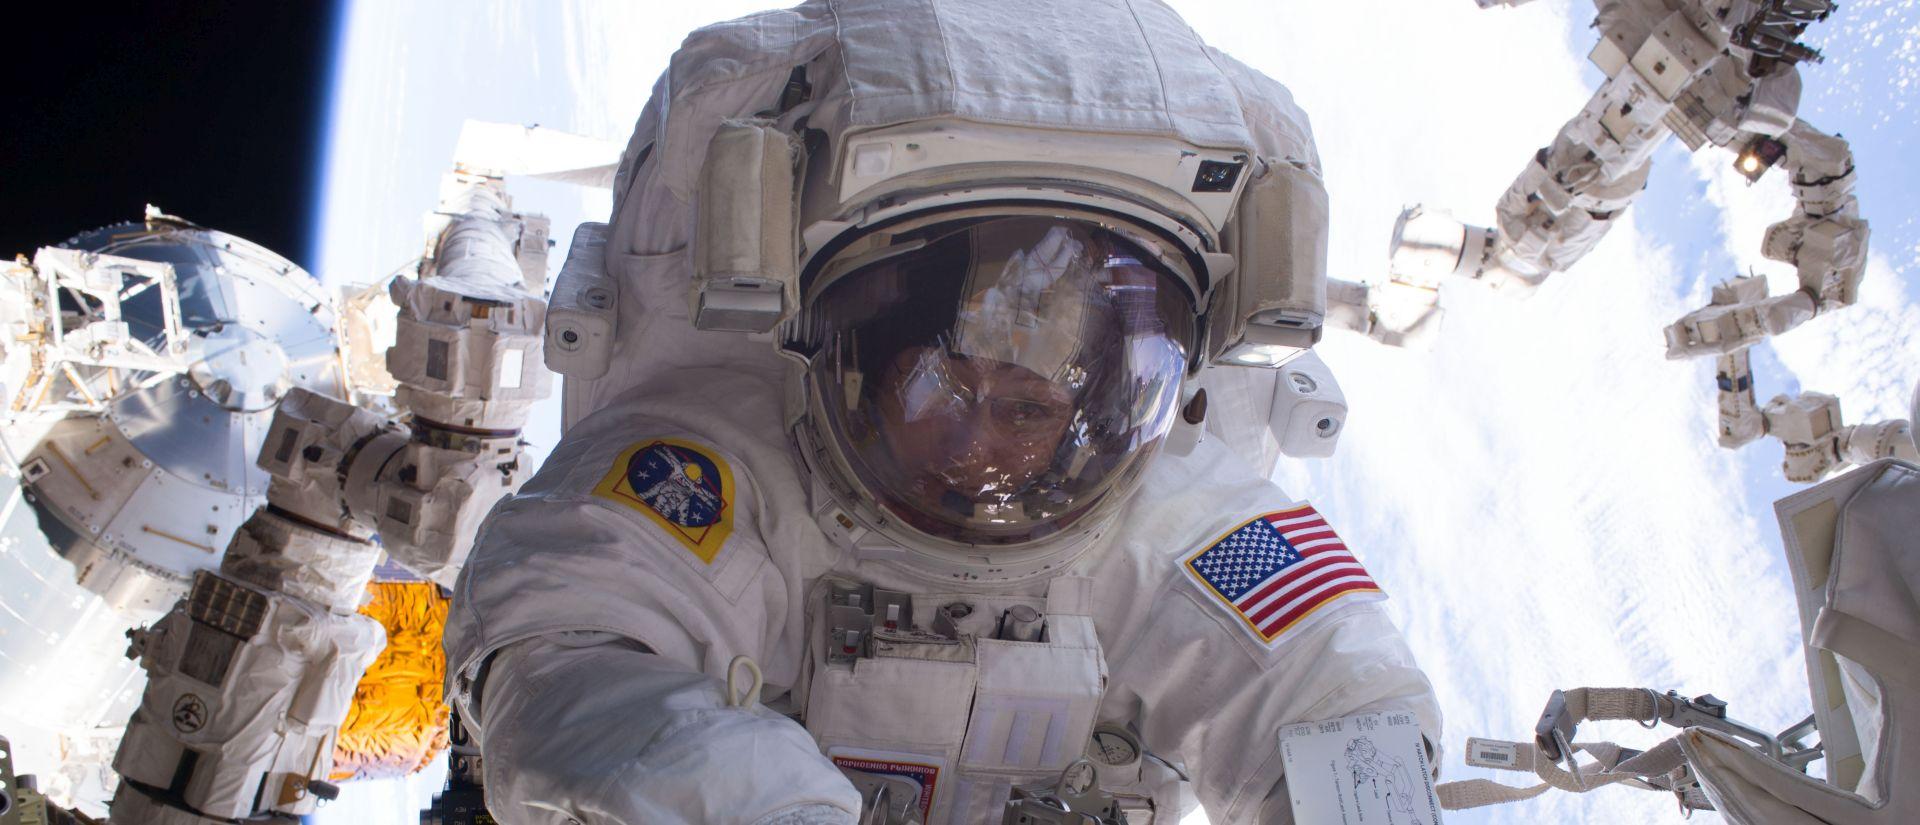 VIDEO: REKORDERKA Astronautkinja Peggy 534 dana u svemiru, nazvao i Trump